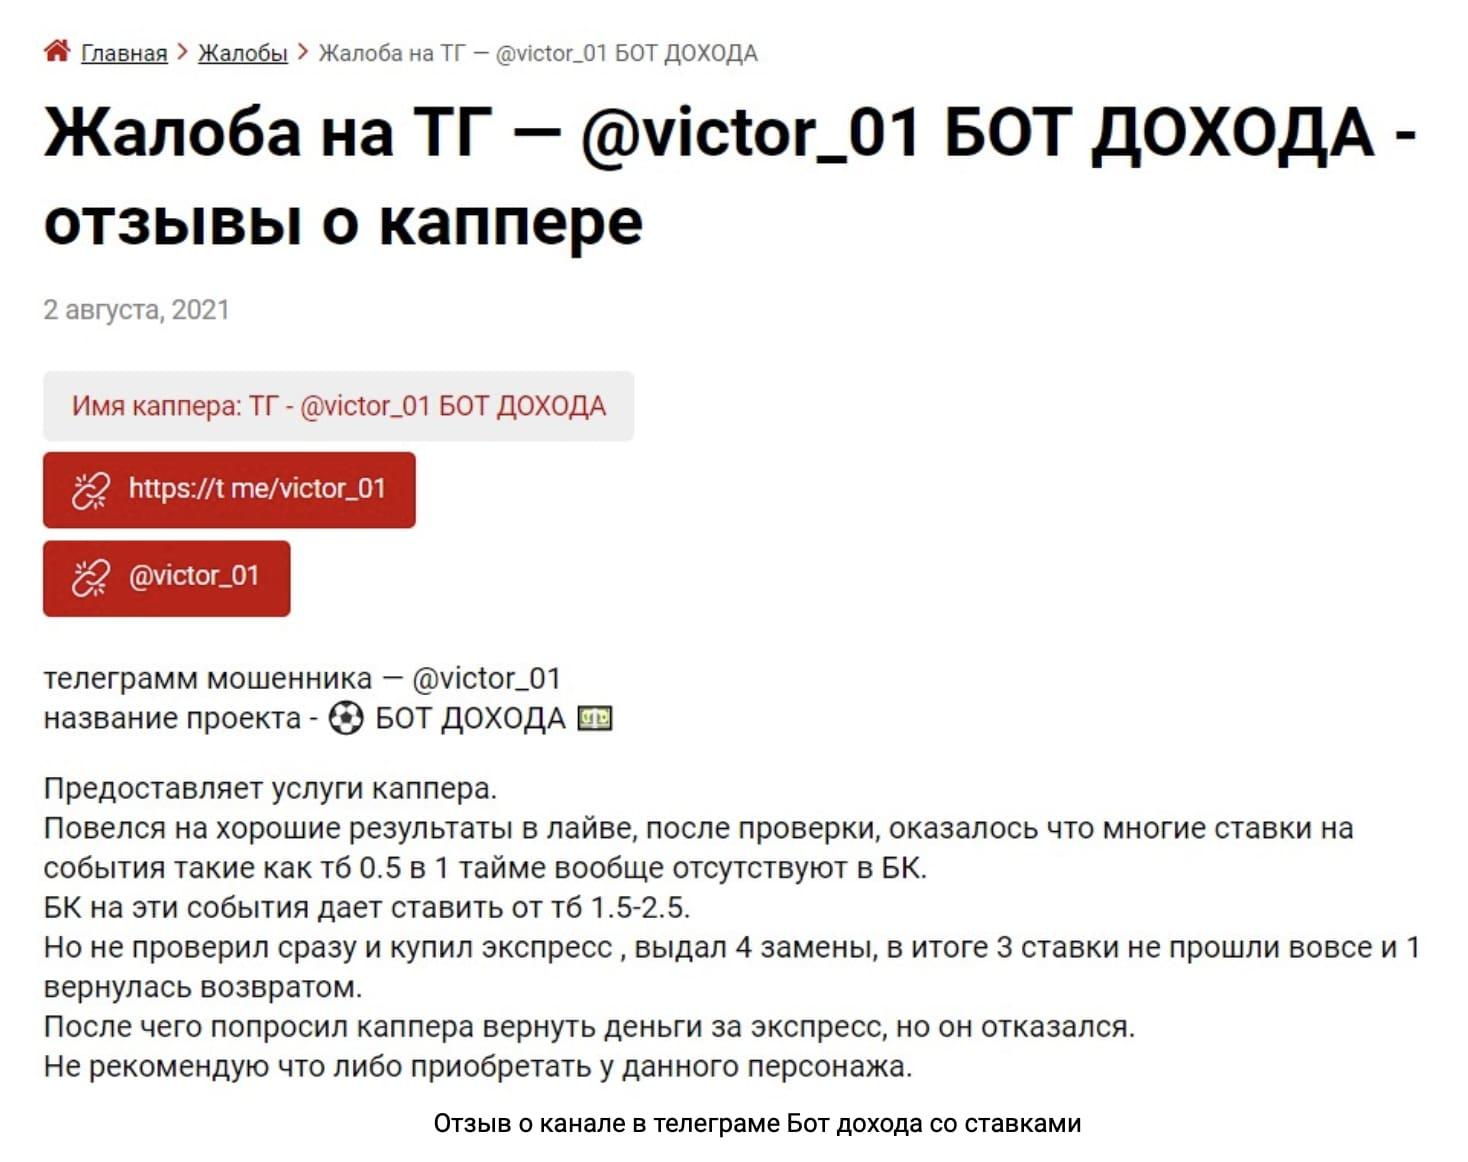 Ставки на канале в Telegram Бот дохода – отзывы о @victor_01